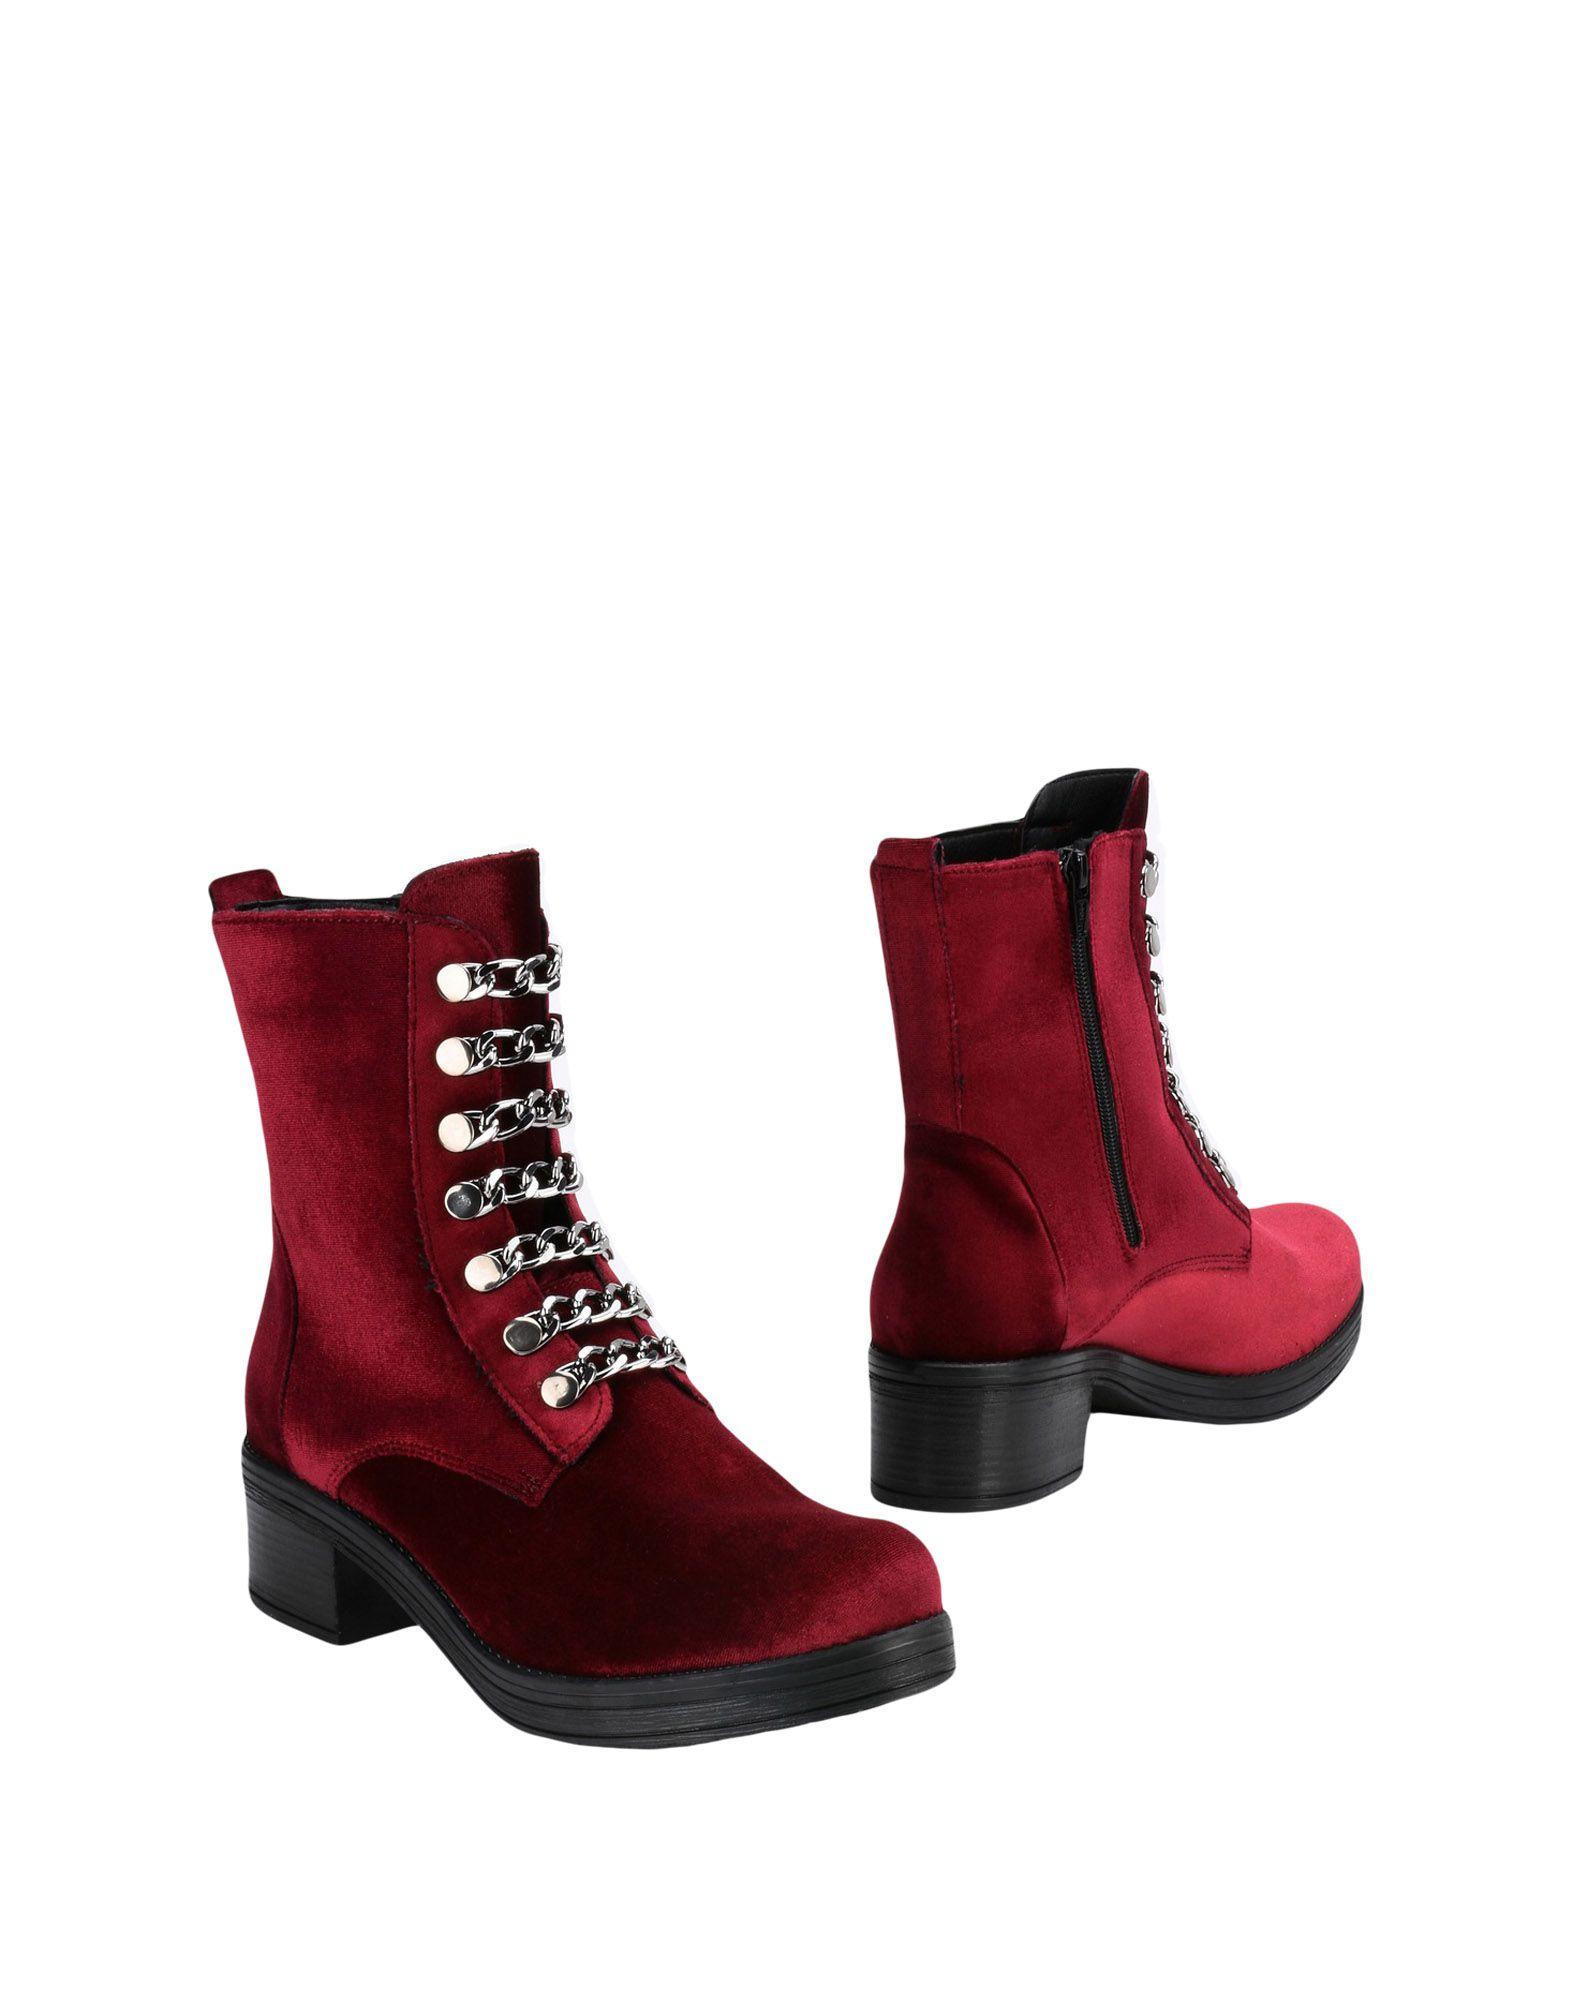 George J. Love Stiefelette Damen  11405242LD Gute Qualität beliebte Schuhe